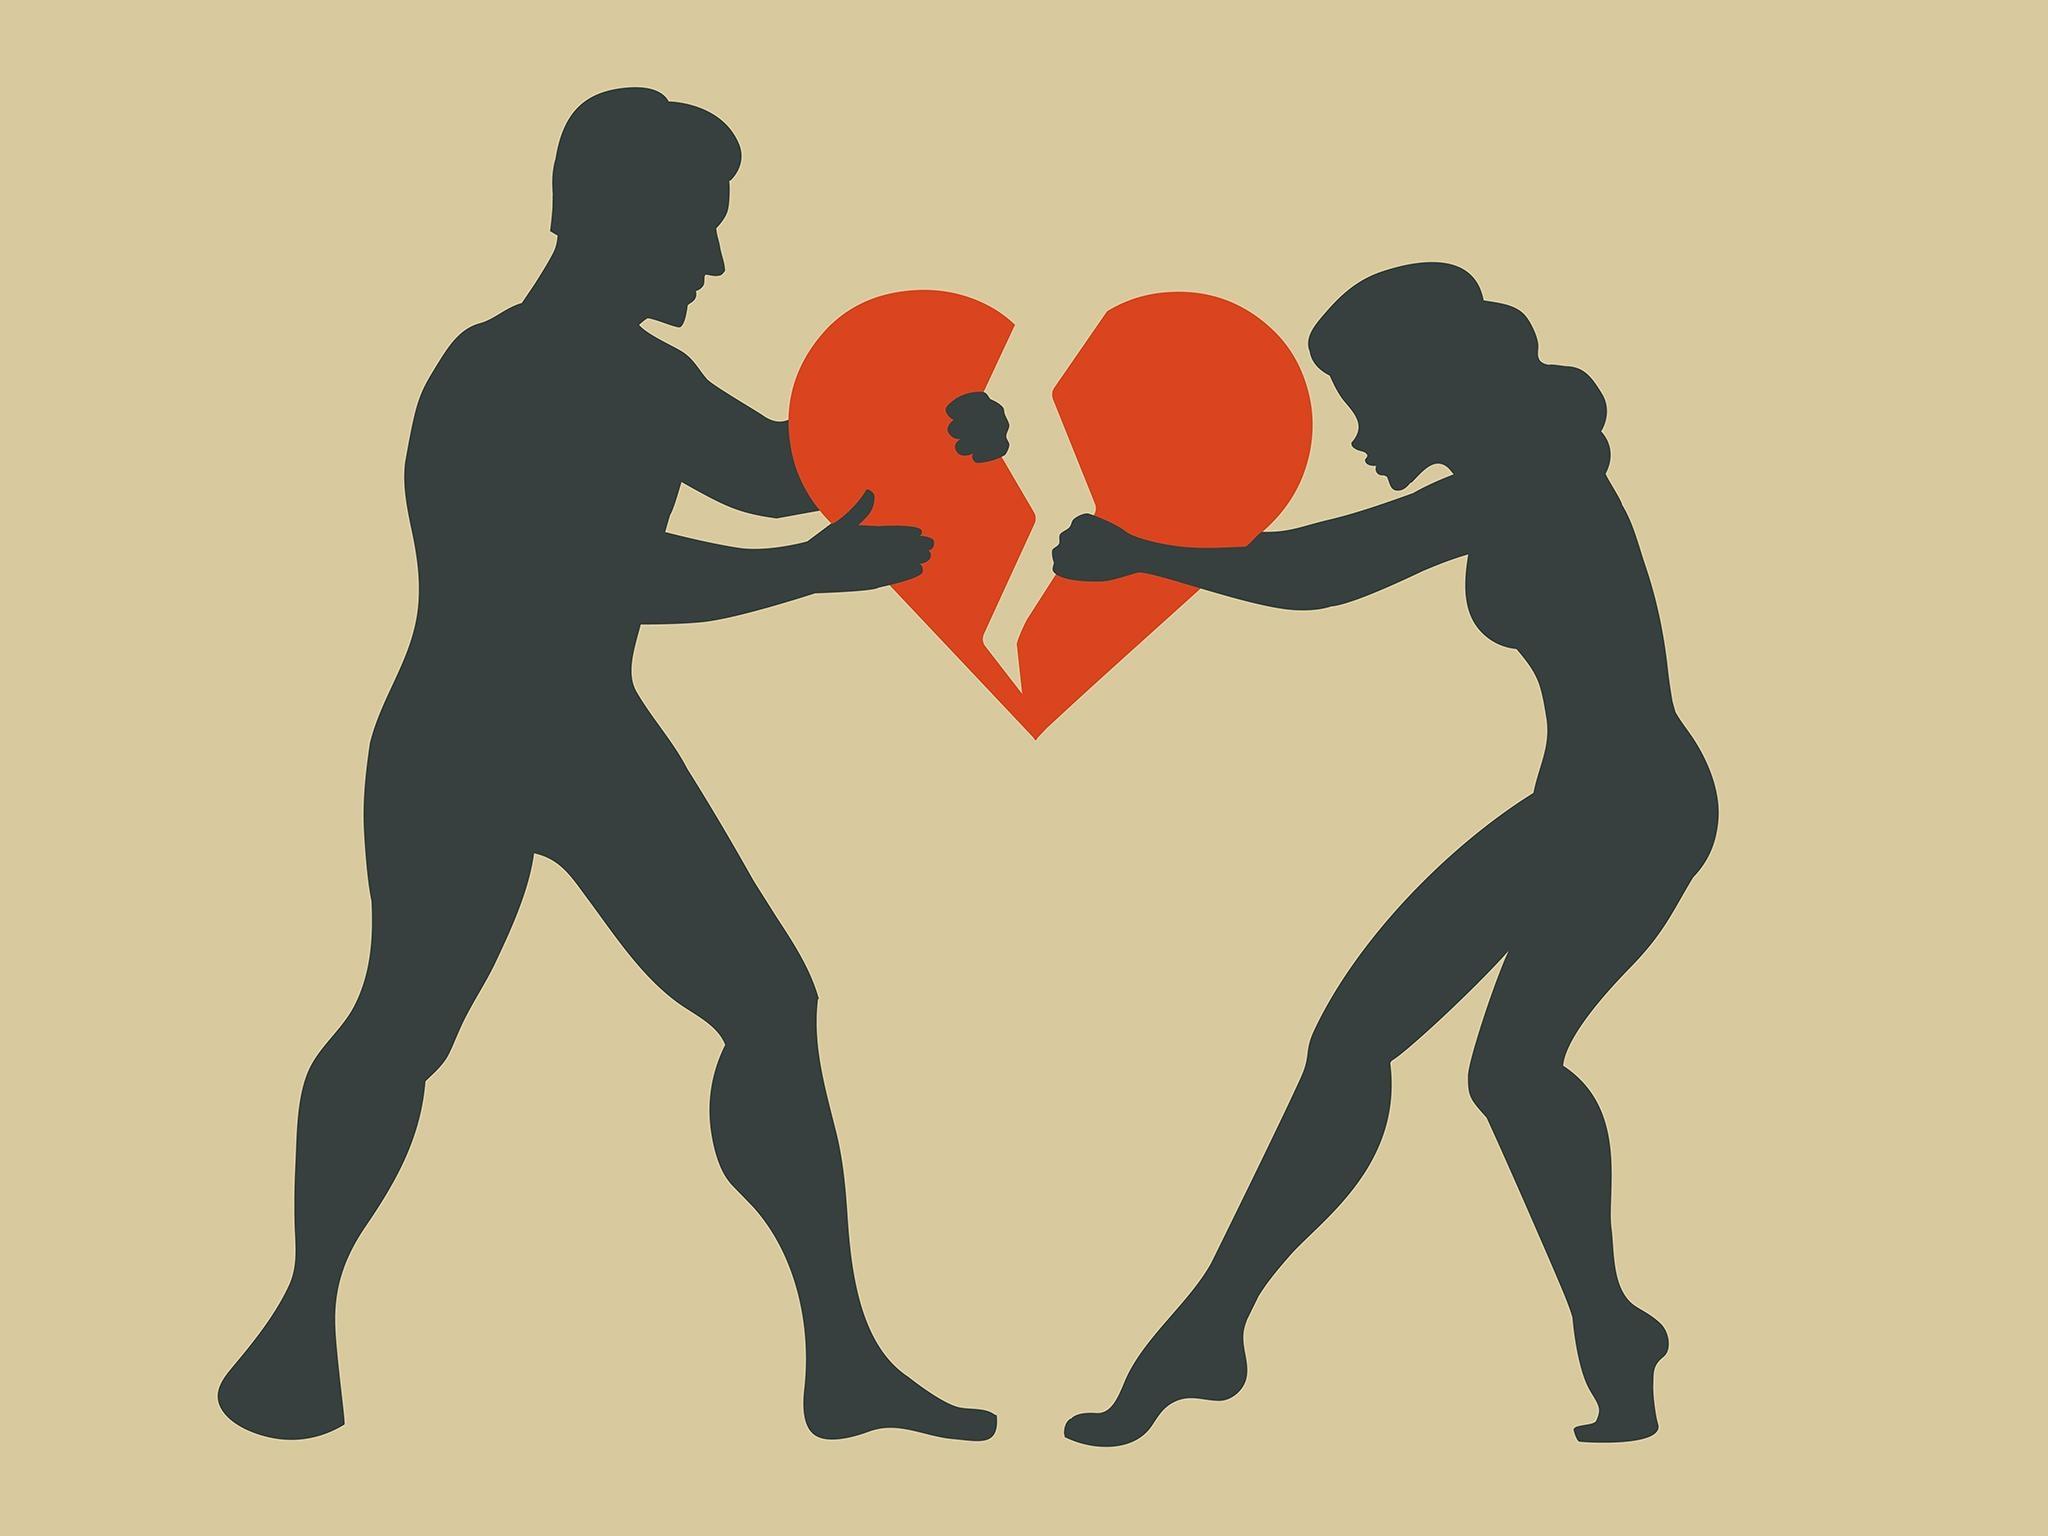 مجموعه علامات تدل على أن زواجك يتجه نحو الطلاق